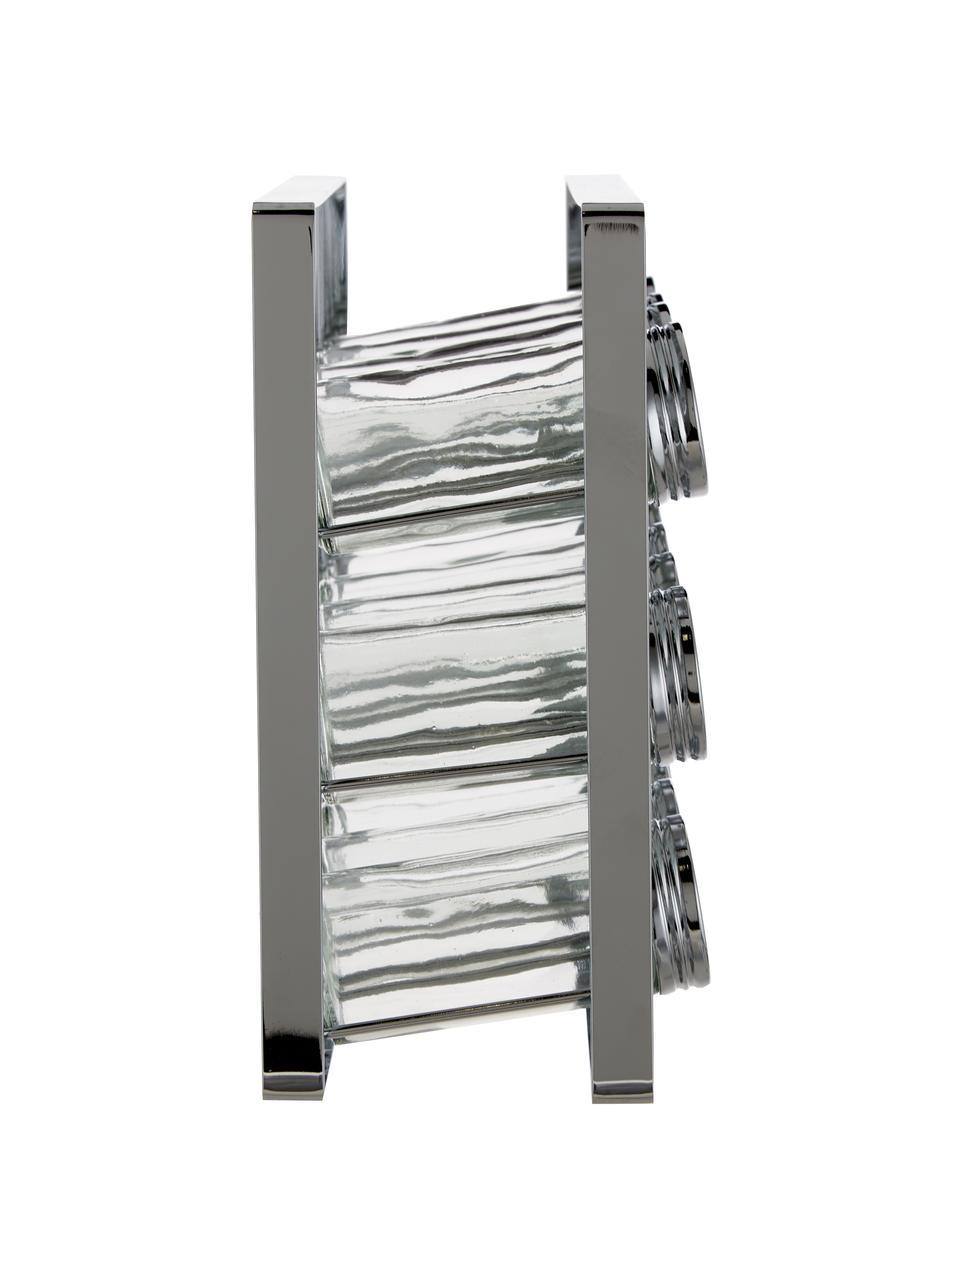 Set portaspezie con contenitori Spices 13 pz, Struttura: metallo verniciato, Contenitori: vetro, Coperchio: alluminio verniciato, Argentato, Larg. 24 x Alt. 22 cm